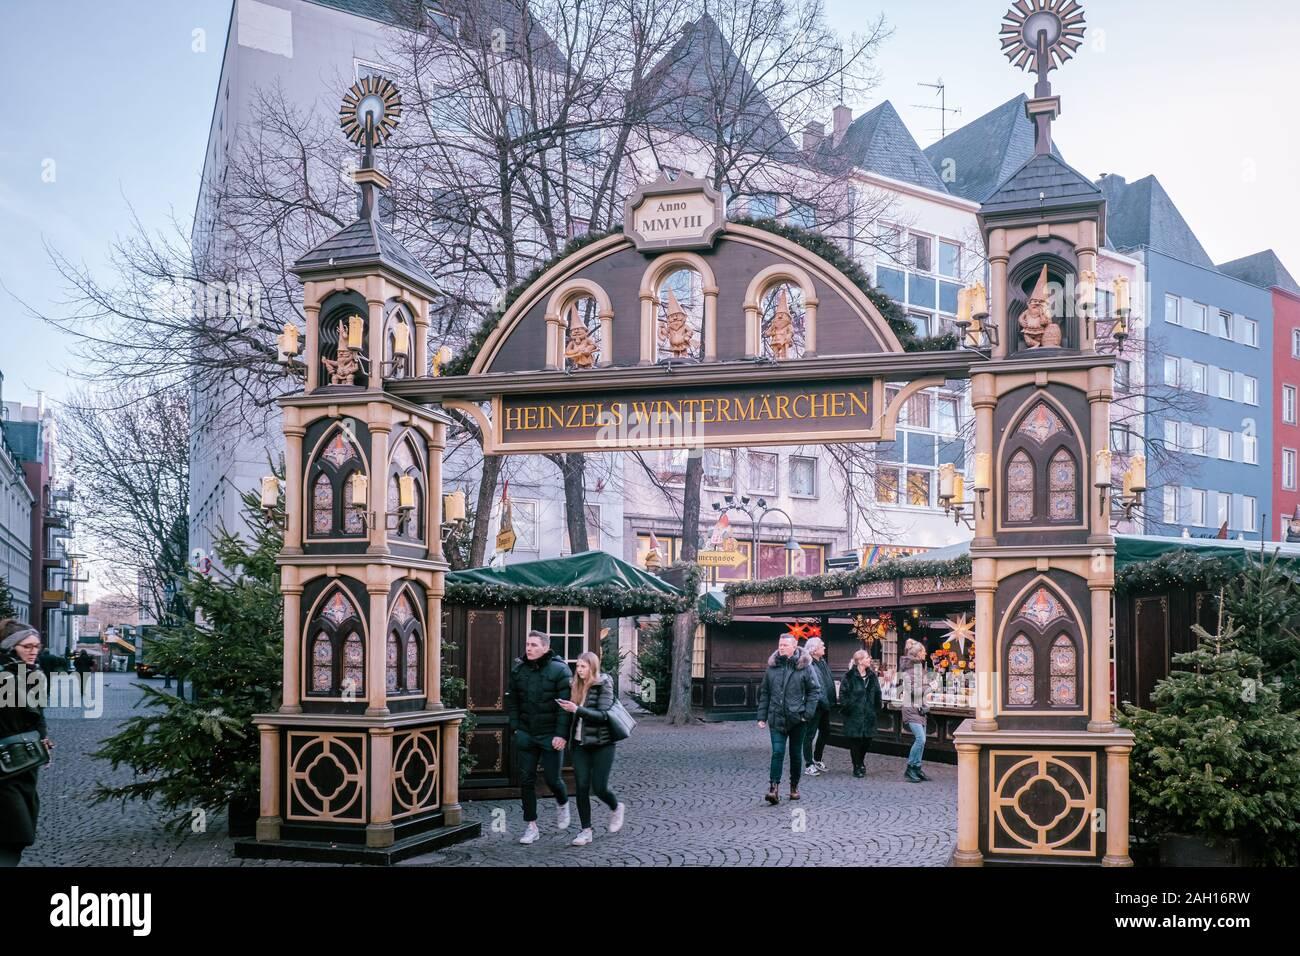 Colonia Germania dicembre 2019, persone al mercato di Natale con la cattedrale di Colonia Foto Stock